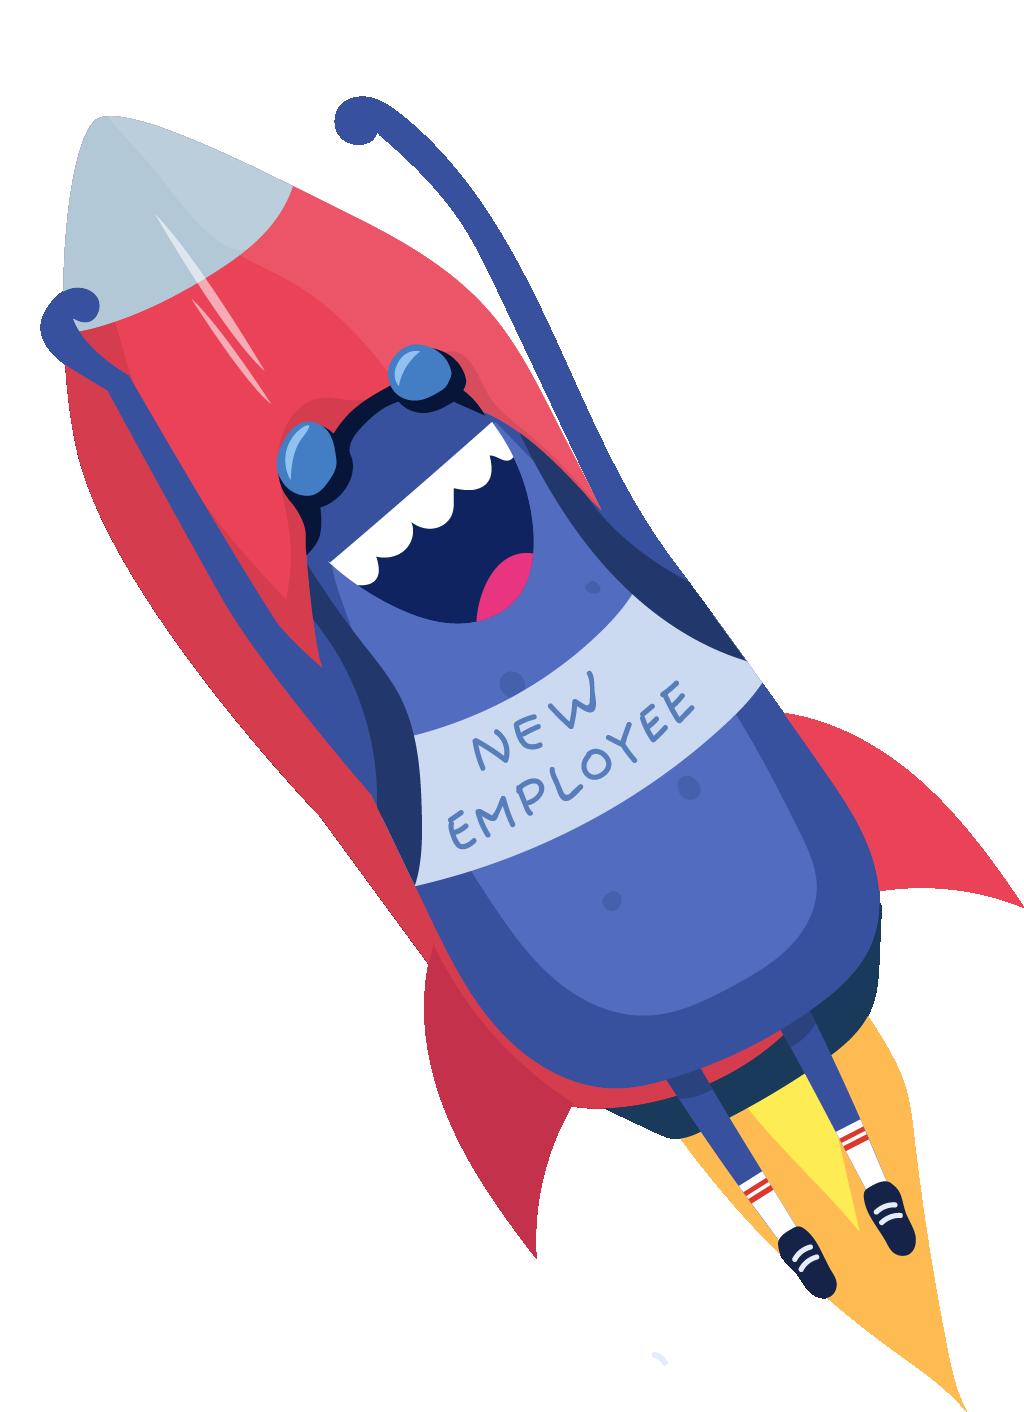 Bertie rocket with New Employee shirt